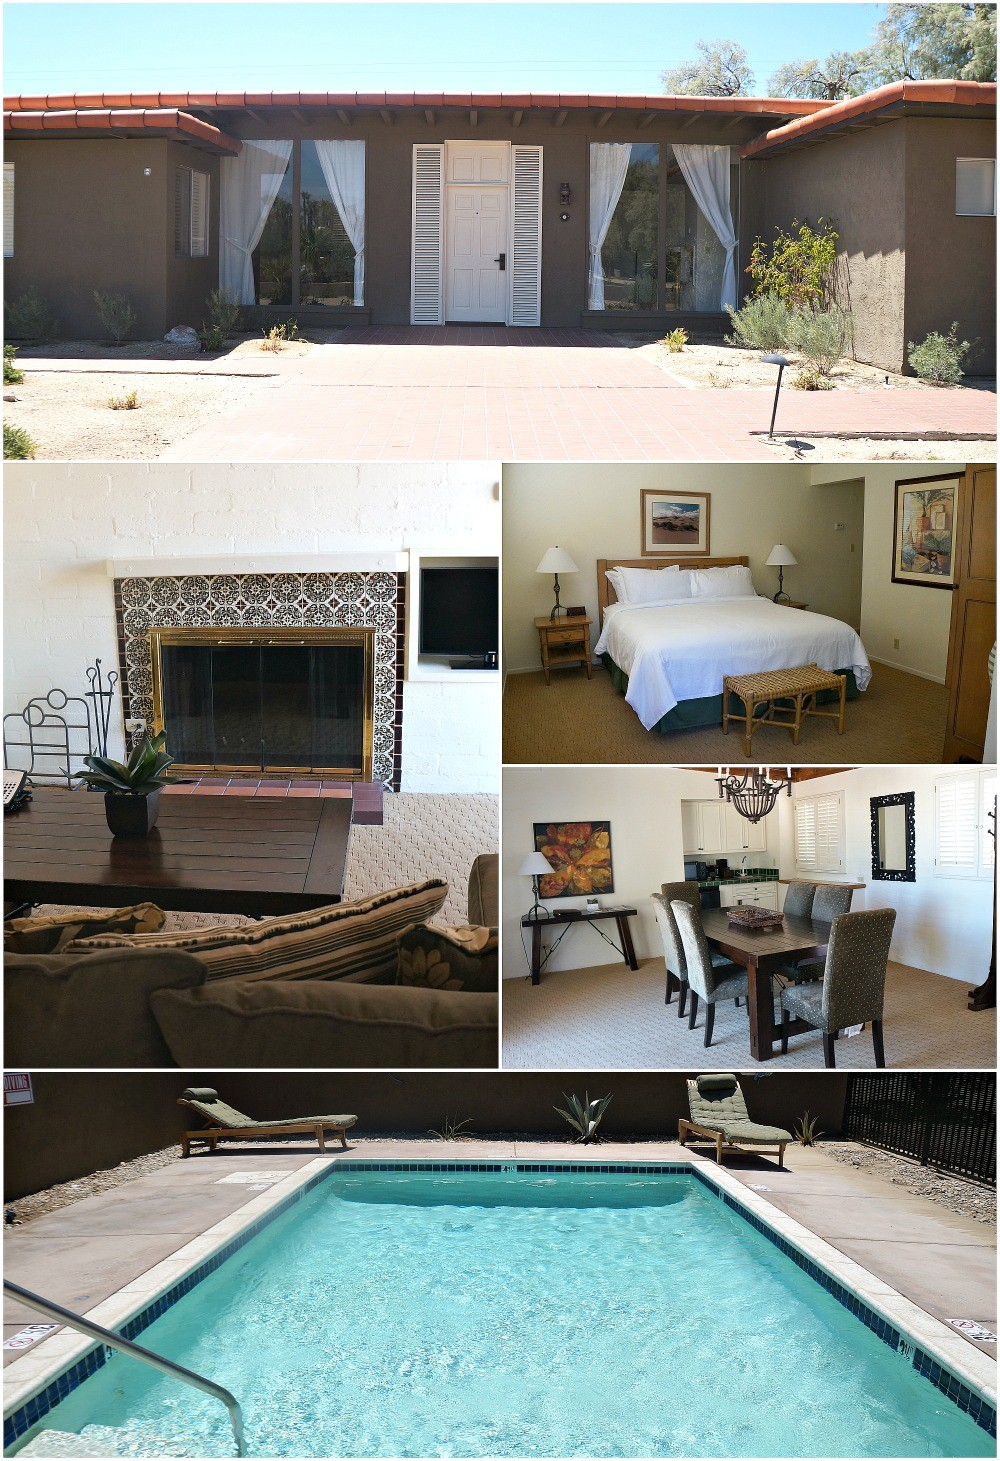 Yucca Casitas at La Casa Del Zorro Borrego Springs Hotel and Resort